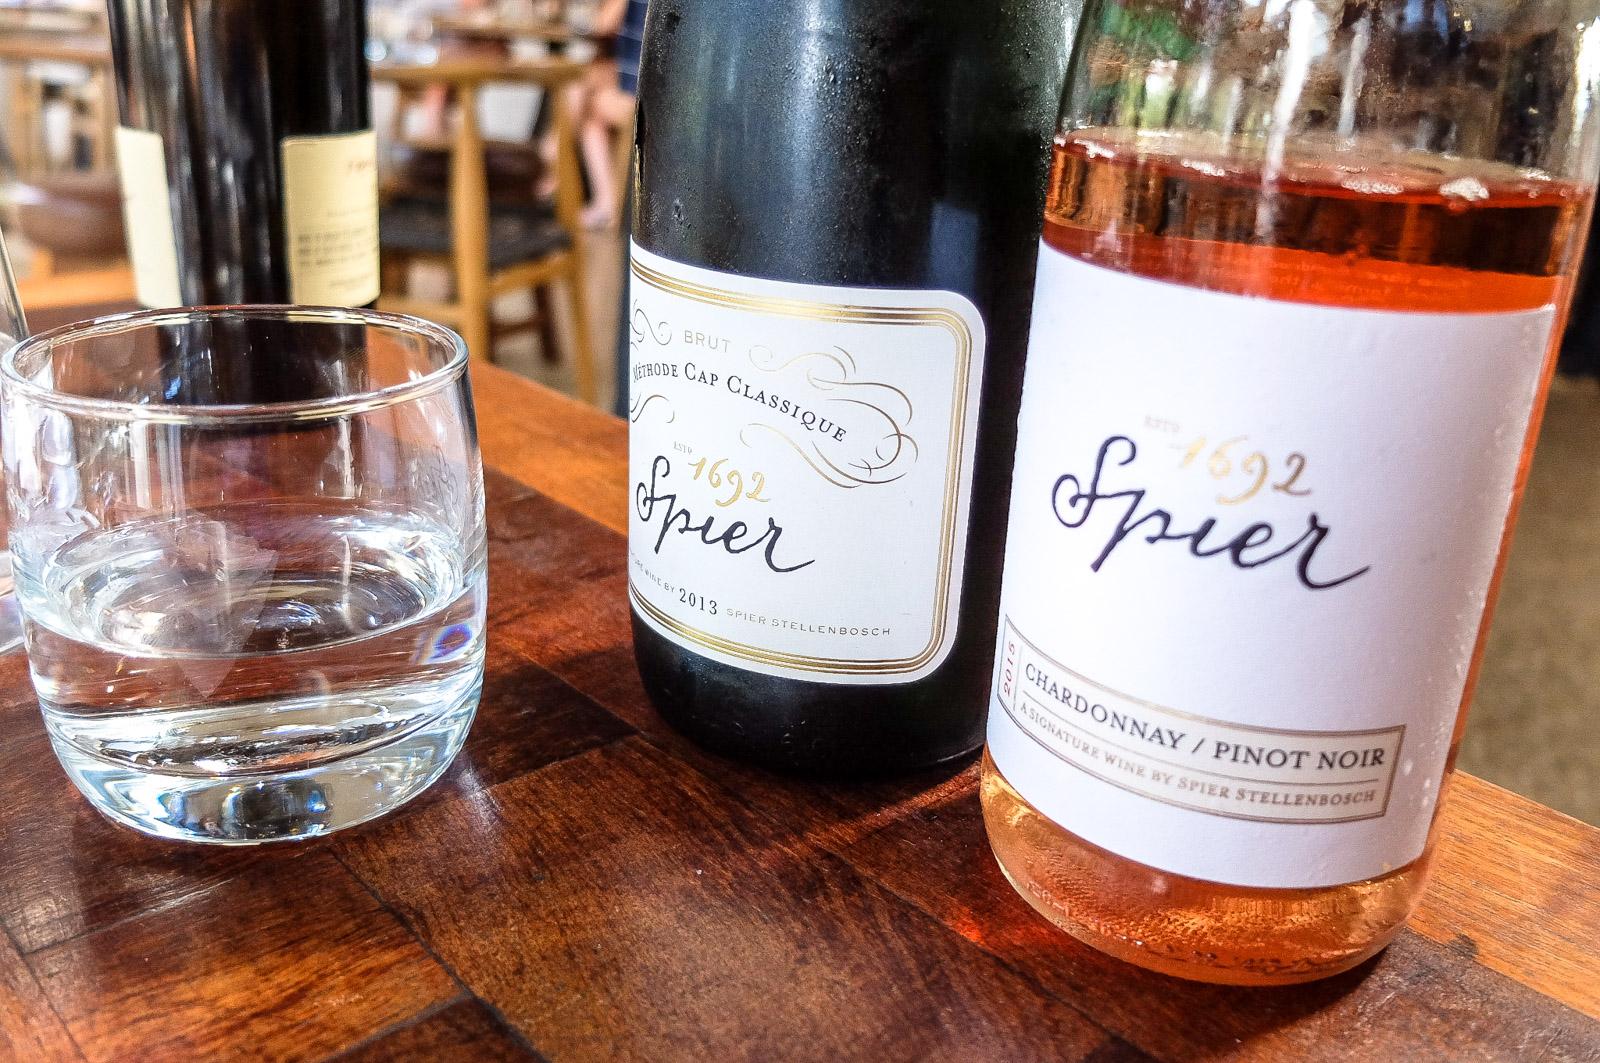 Stellenbosch Spier Wines